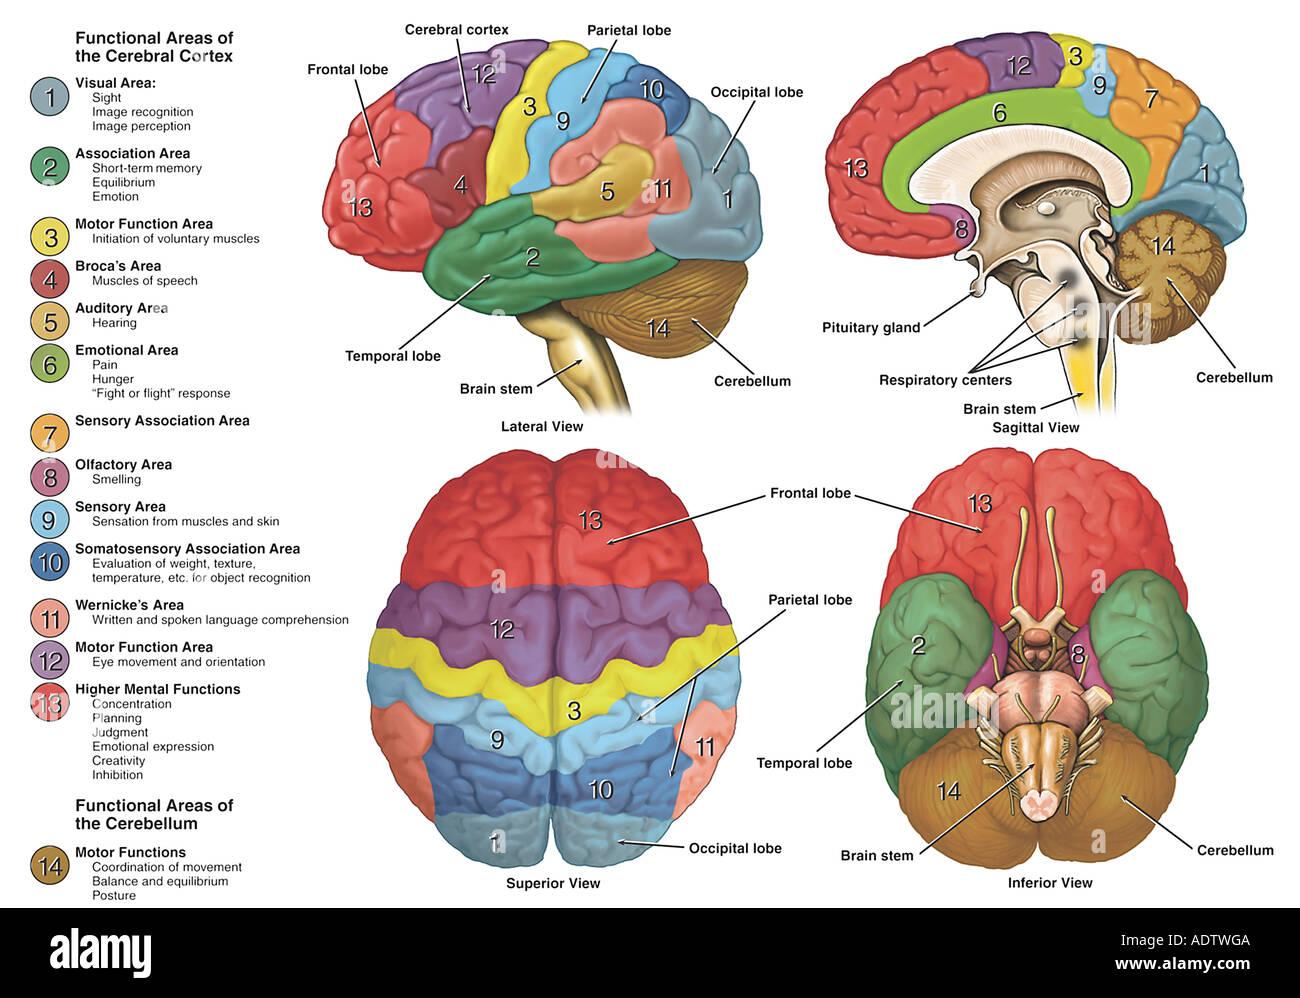 Anatomie und Funktionsbereiche des Gehirns Stockfoto, Bild: 7710409 ...